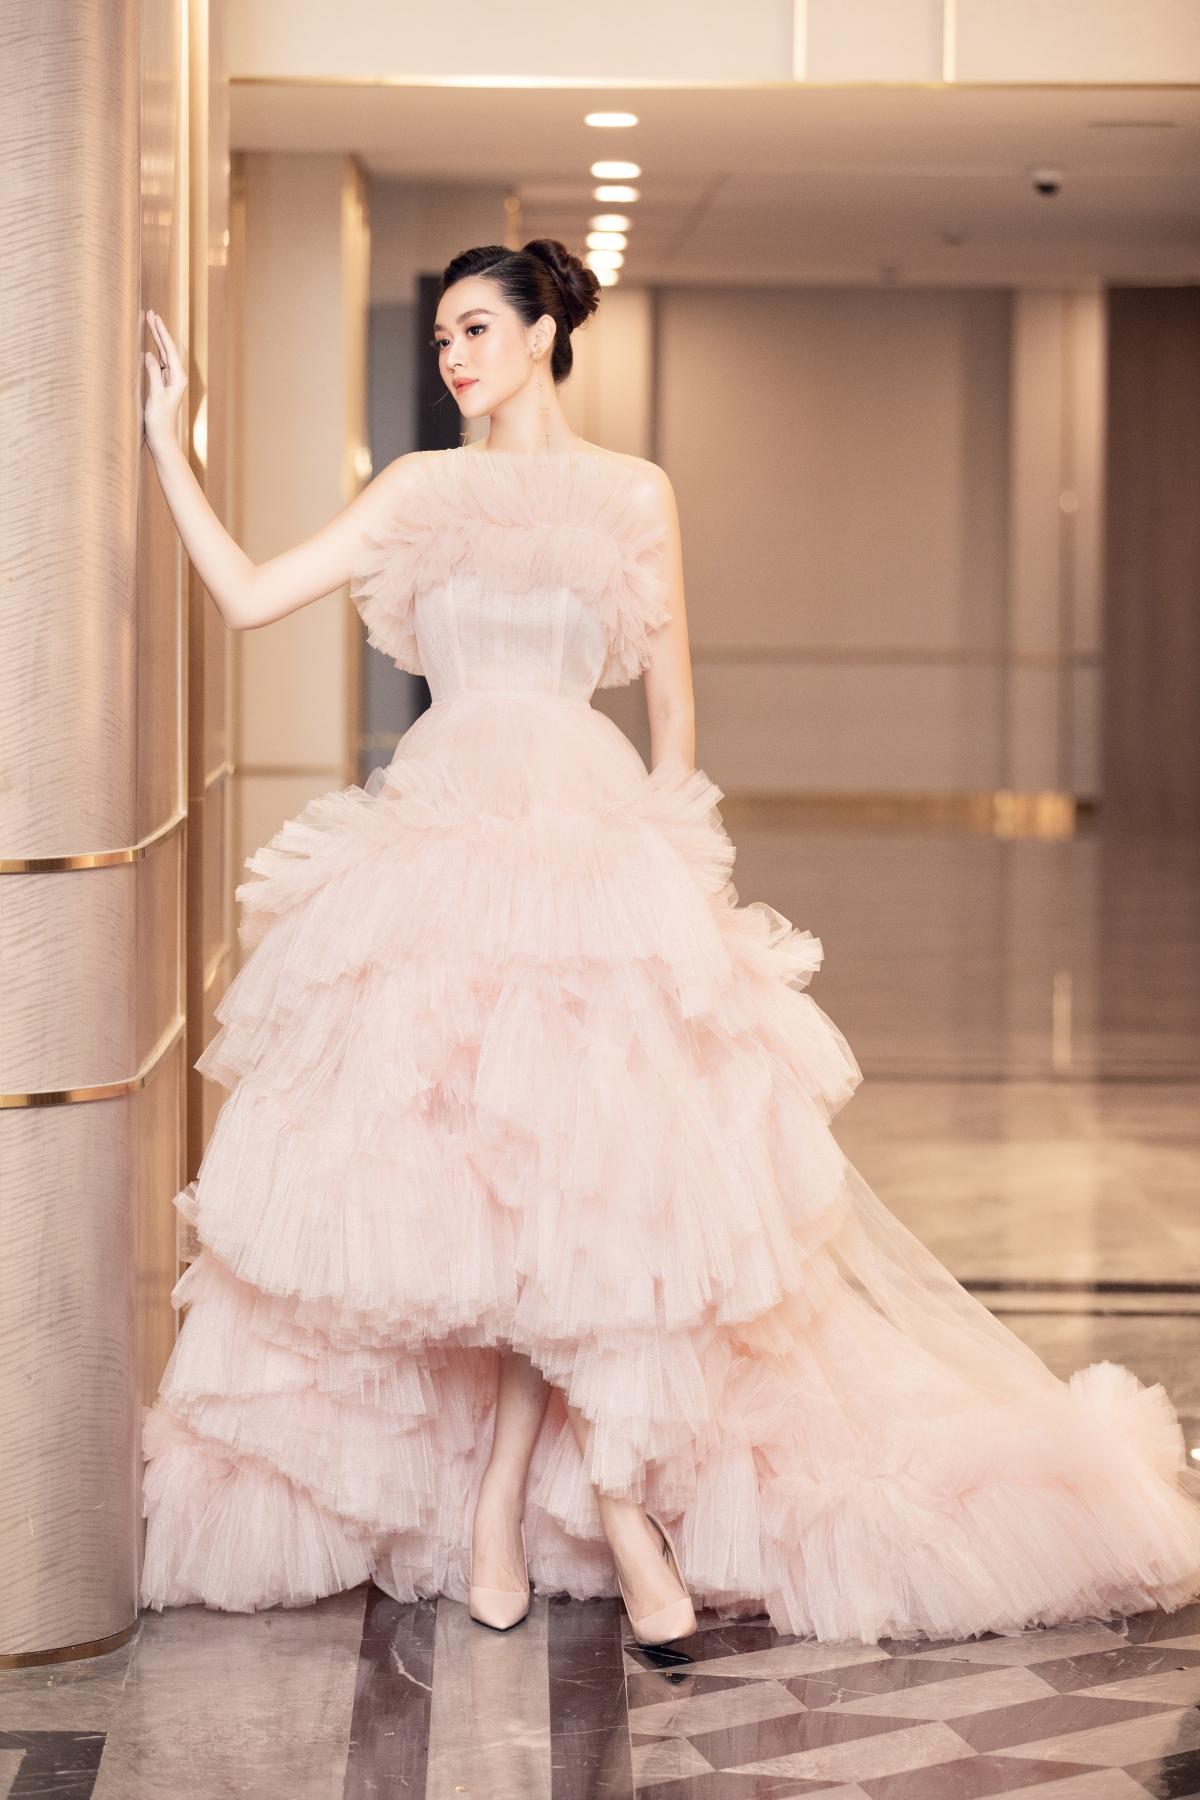 Với thiết kế xếp ly phồng theo tầng cùng màu hồng pastel ngọt ngào, chiếc váy đã giúp Á hậu Tường San ghi điểm với phong cách nhẹ nhàng, nữ tính.